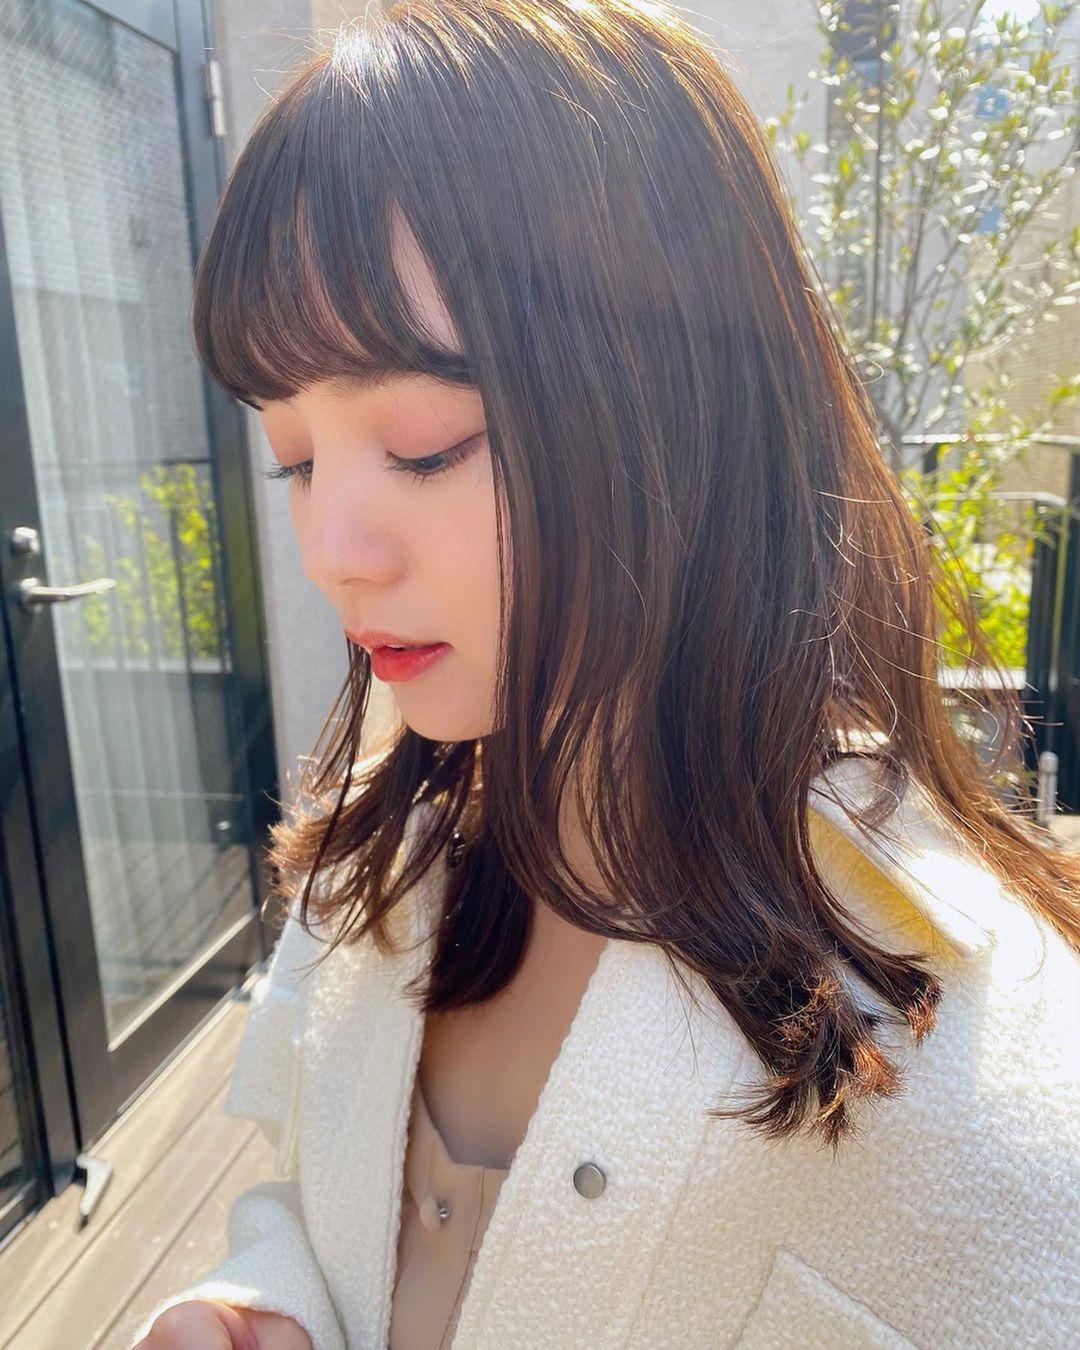 崛北真希妹妹NANAMI新生代清纯女 网络美女 第40张